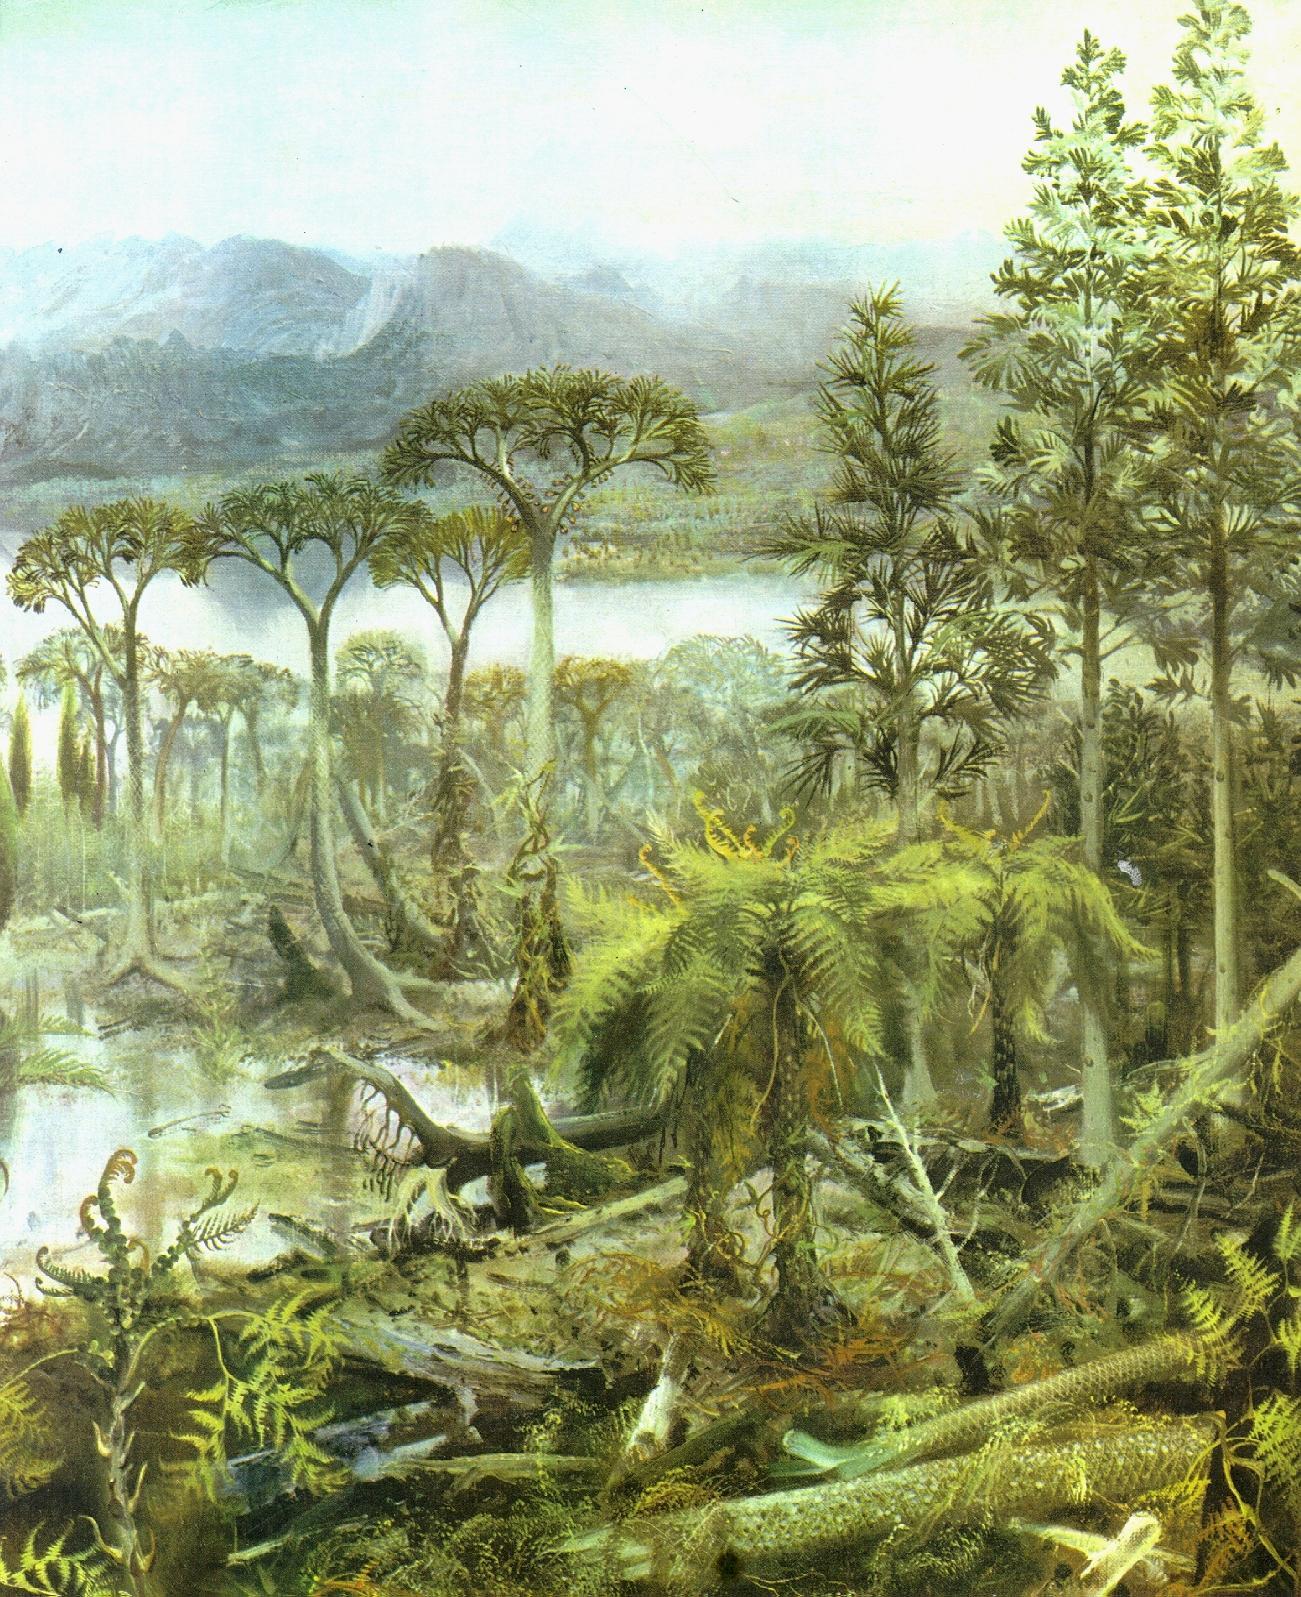 Палеозойская эра фотографии